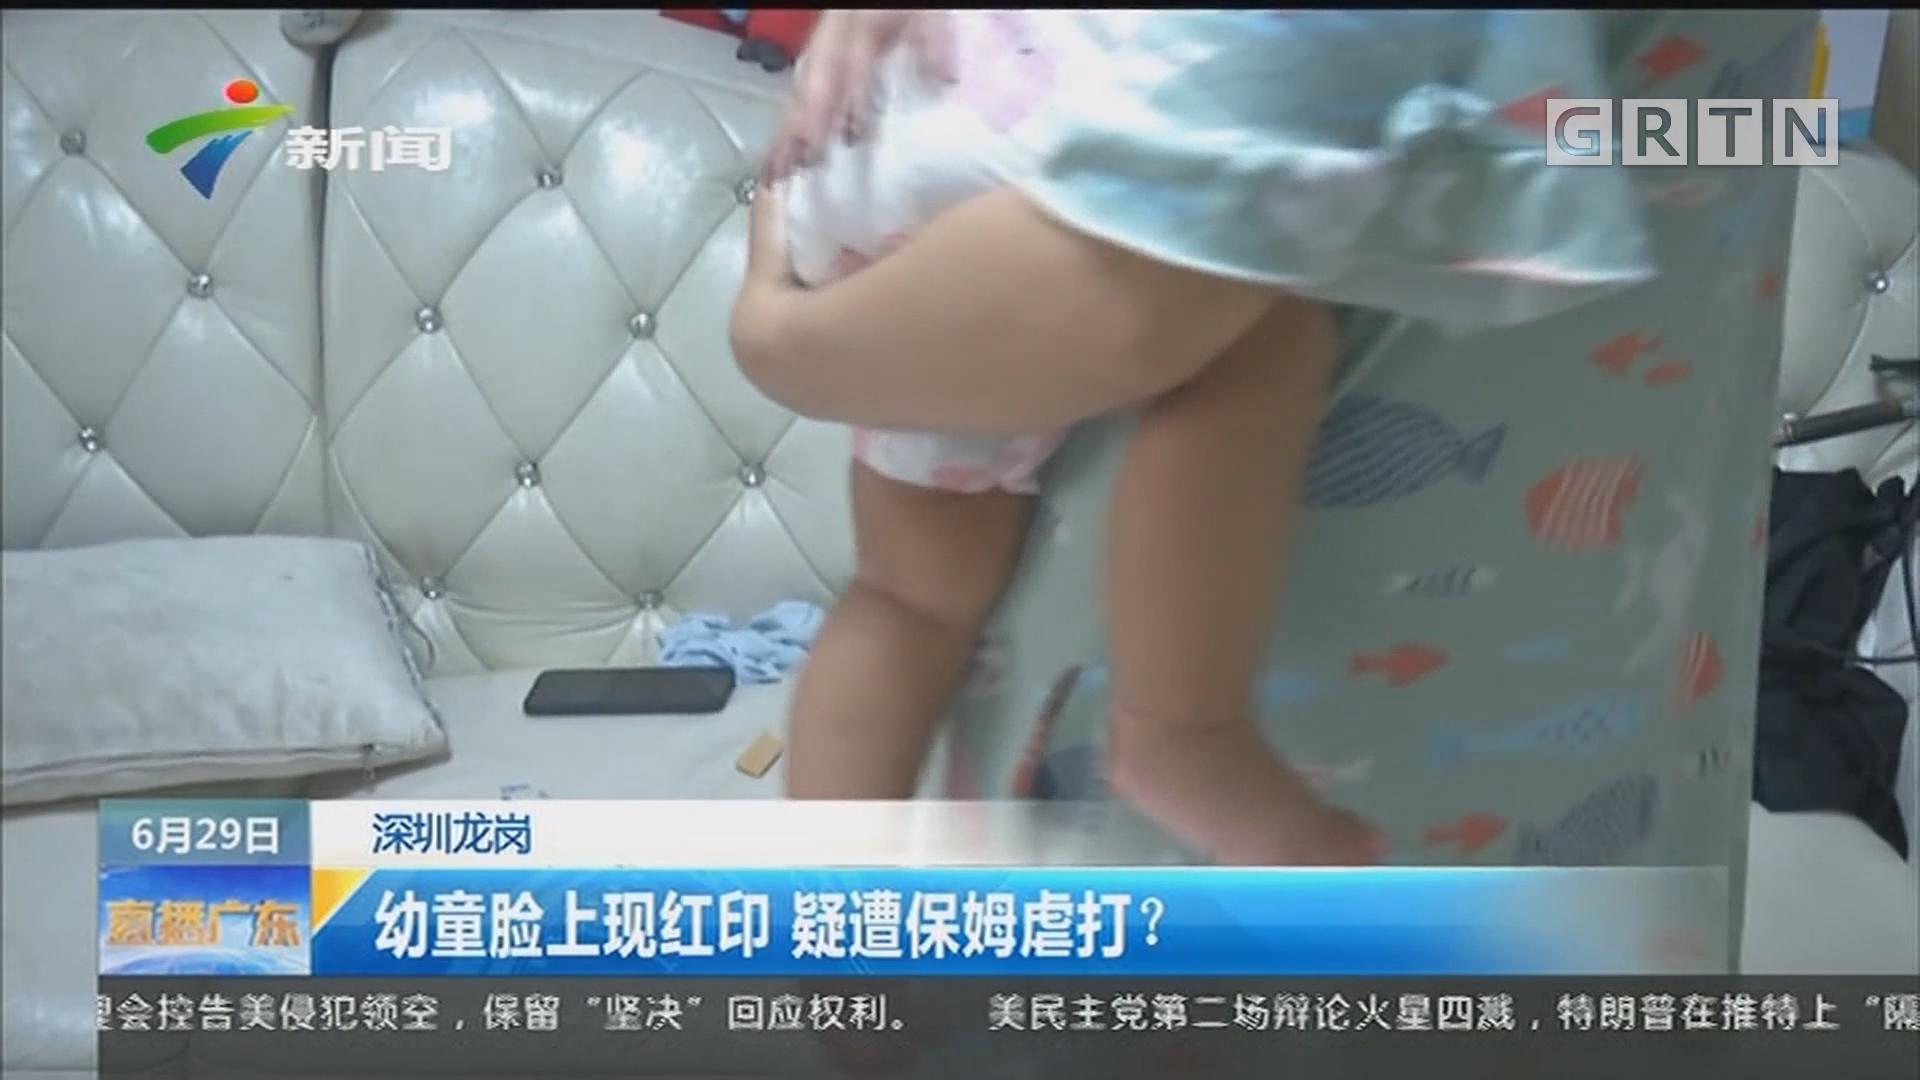 深圳龍崗:幼童臉上現紅印 疑遭保姆虐打?